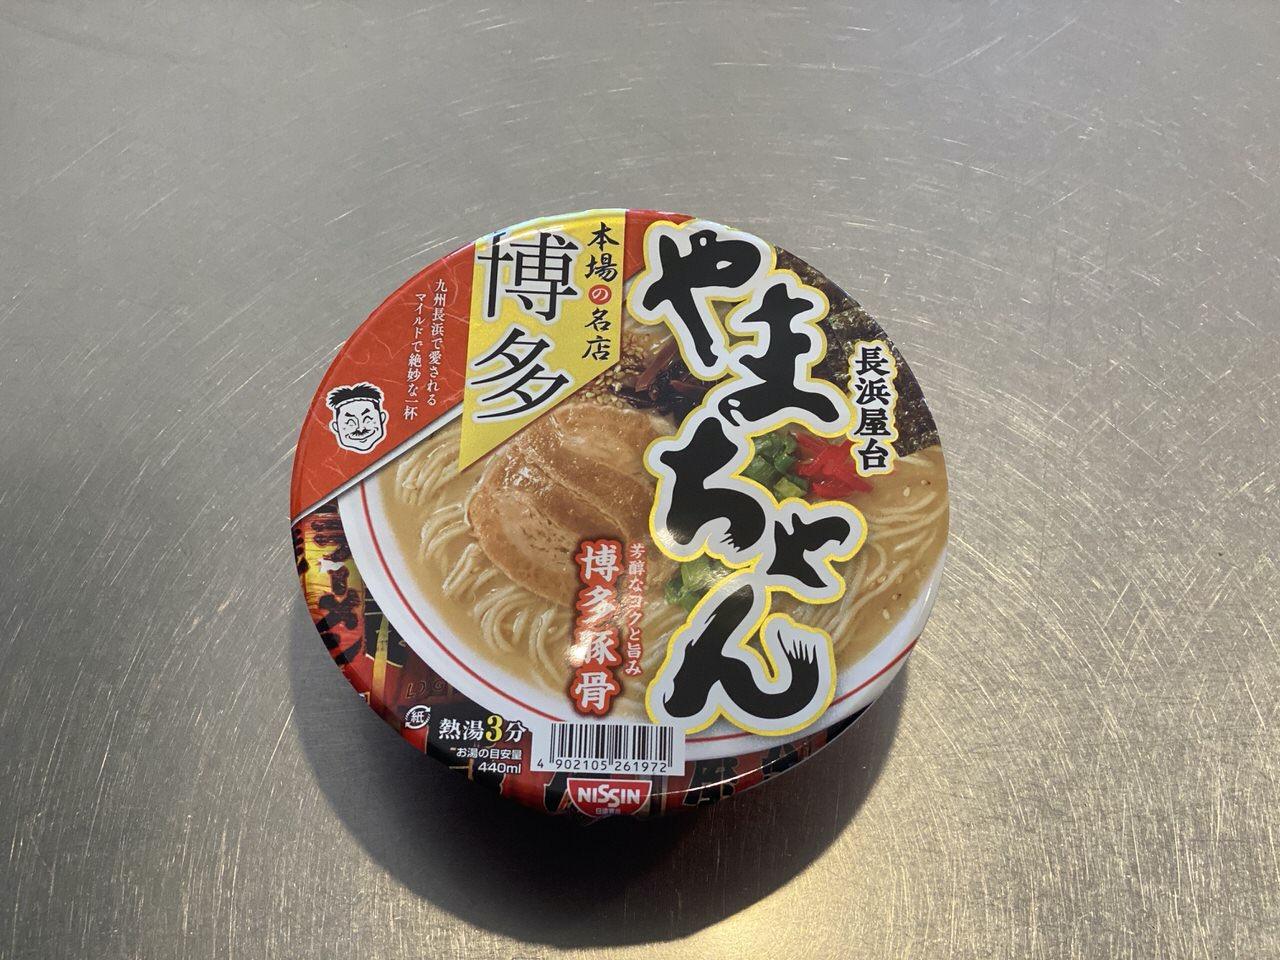 「長浜屋台やまちゃん」細麺で熱湯3分は珍しい!?博多の名店の味をカップ麺で再現